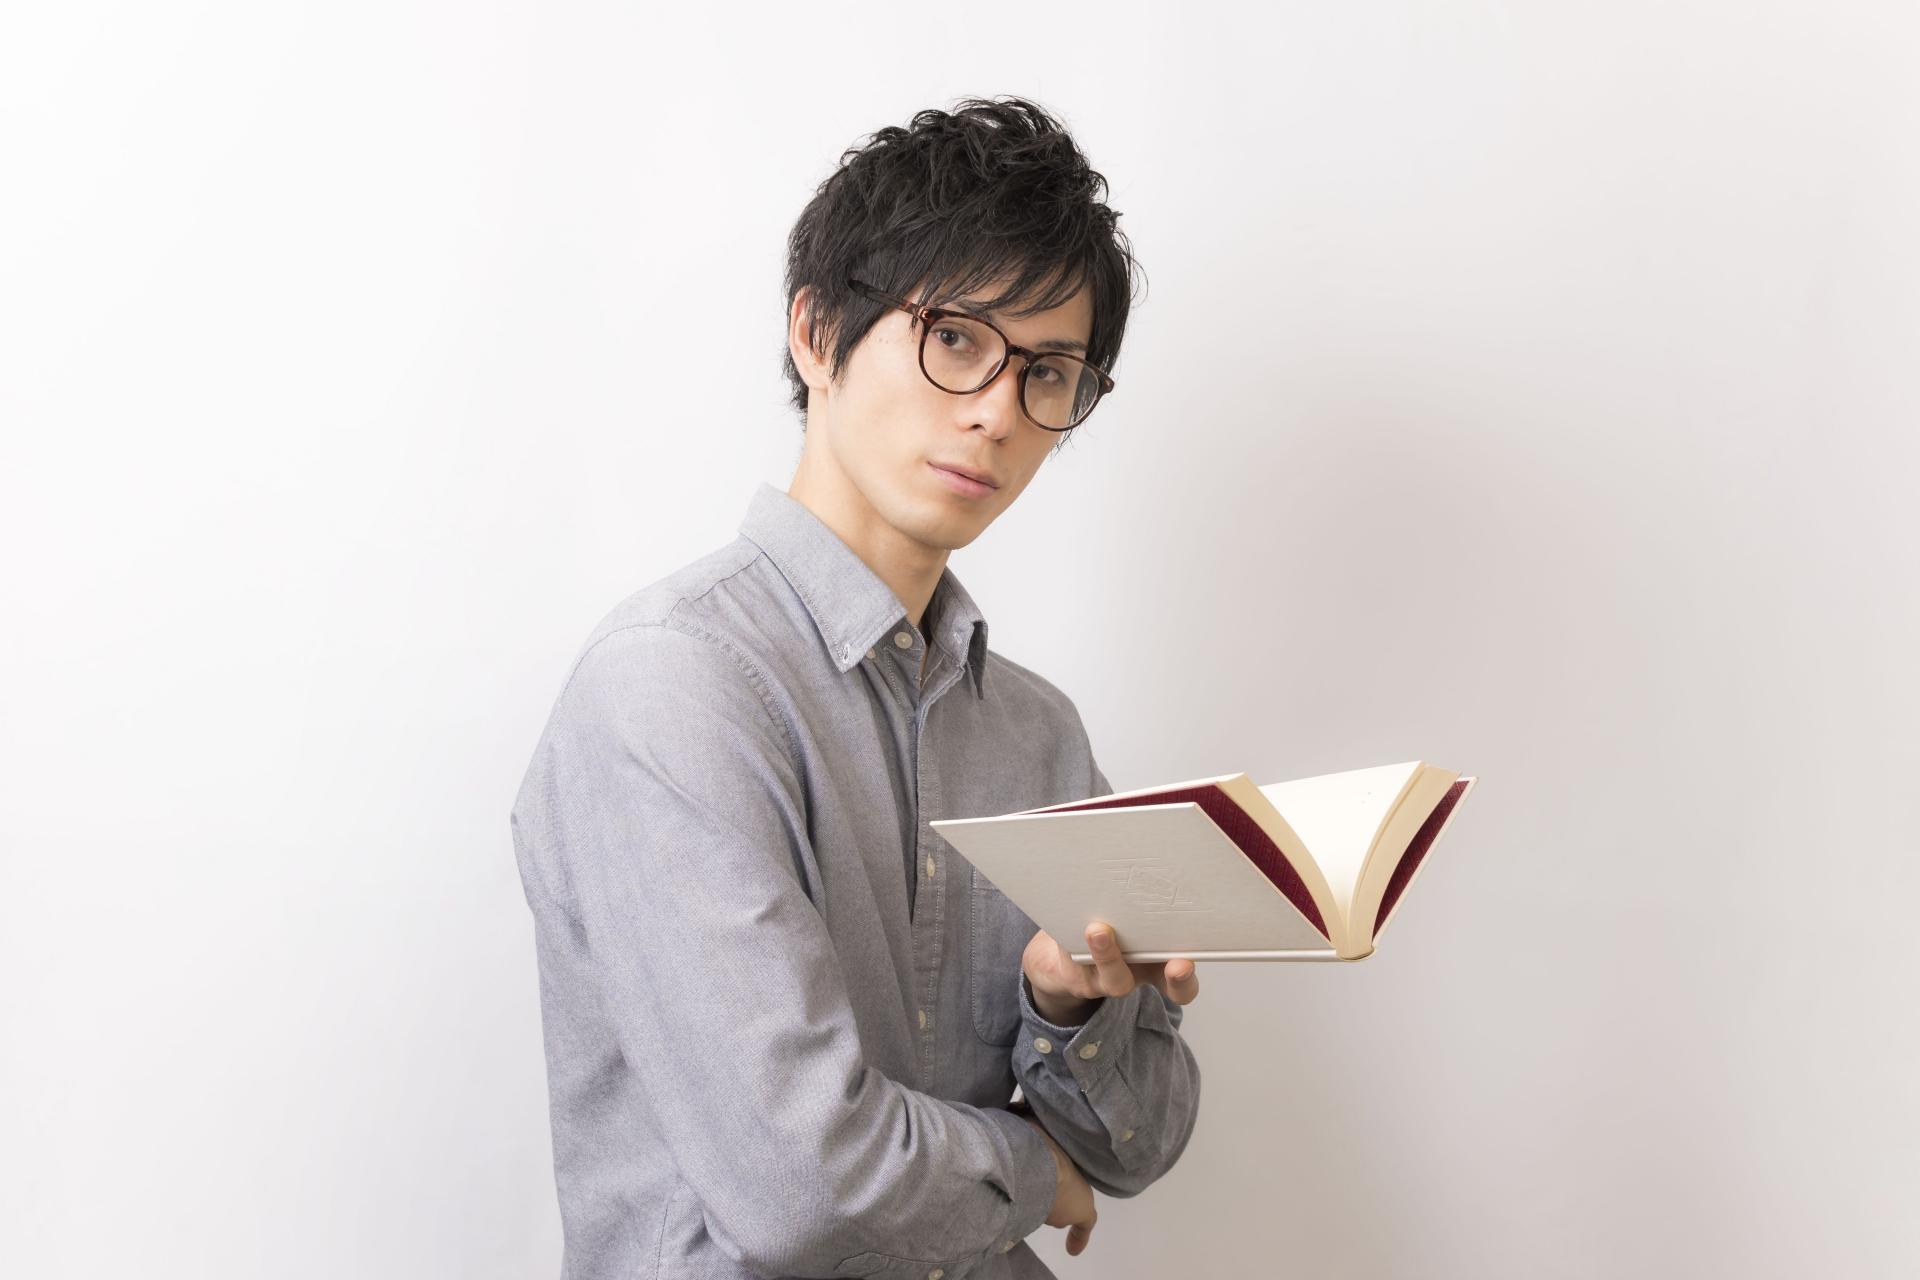 イケメンの大学生彼氏が羨ましい!自分の彼と比べちゃダメ